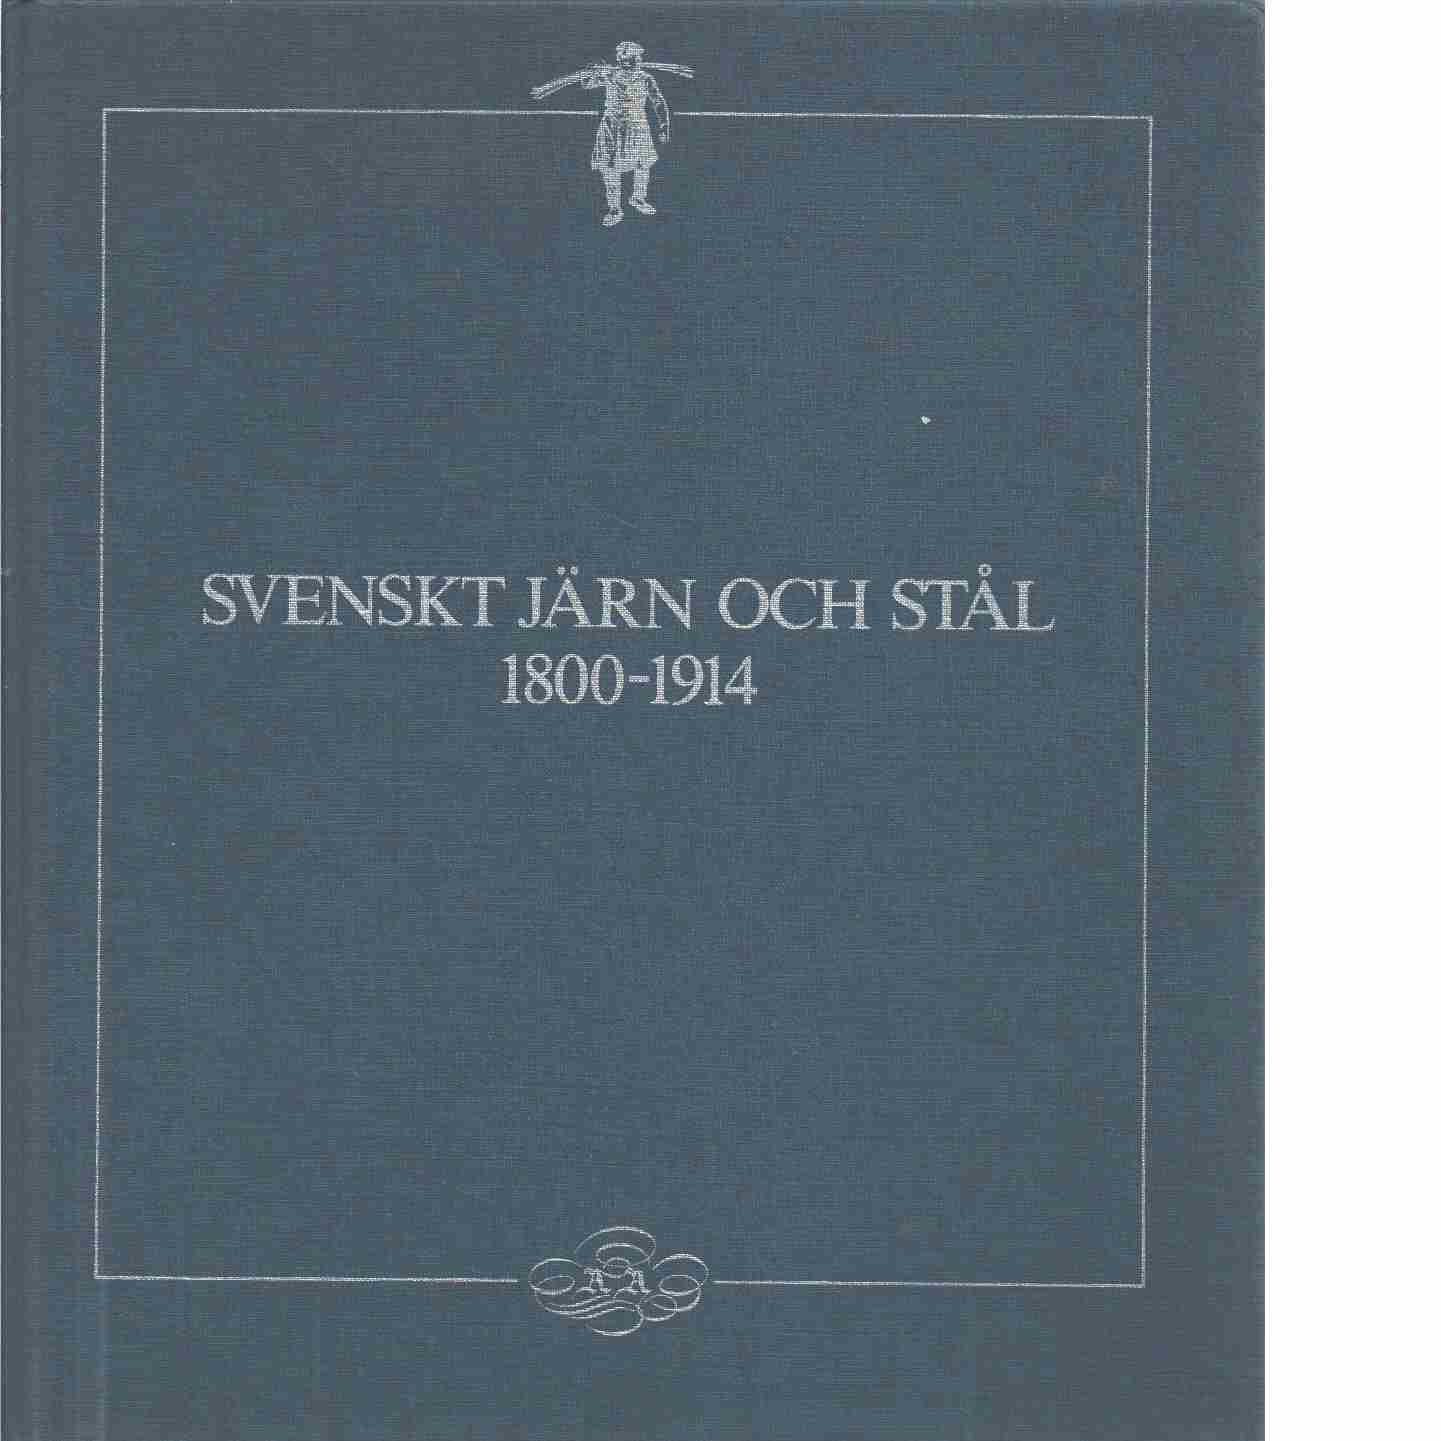 Svenskt järn och stål 1800-1914 - Attman, Artur